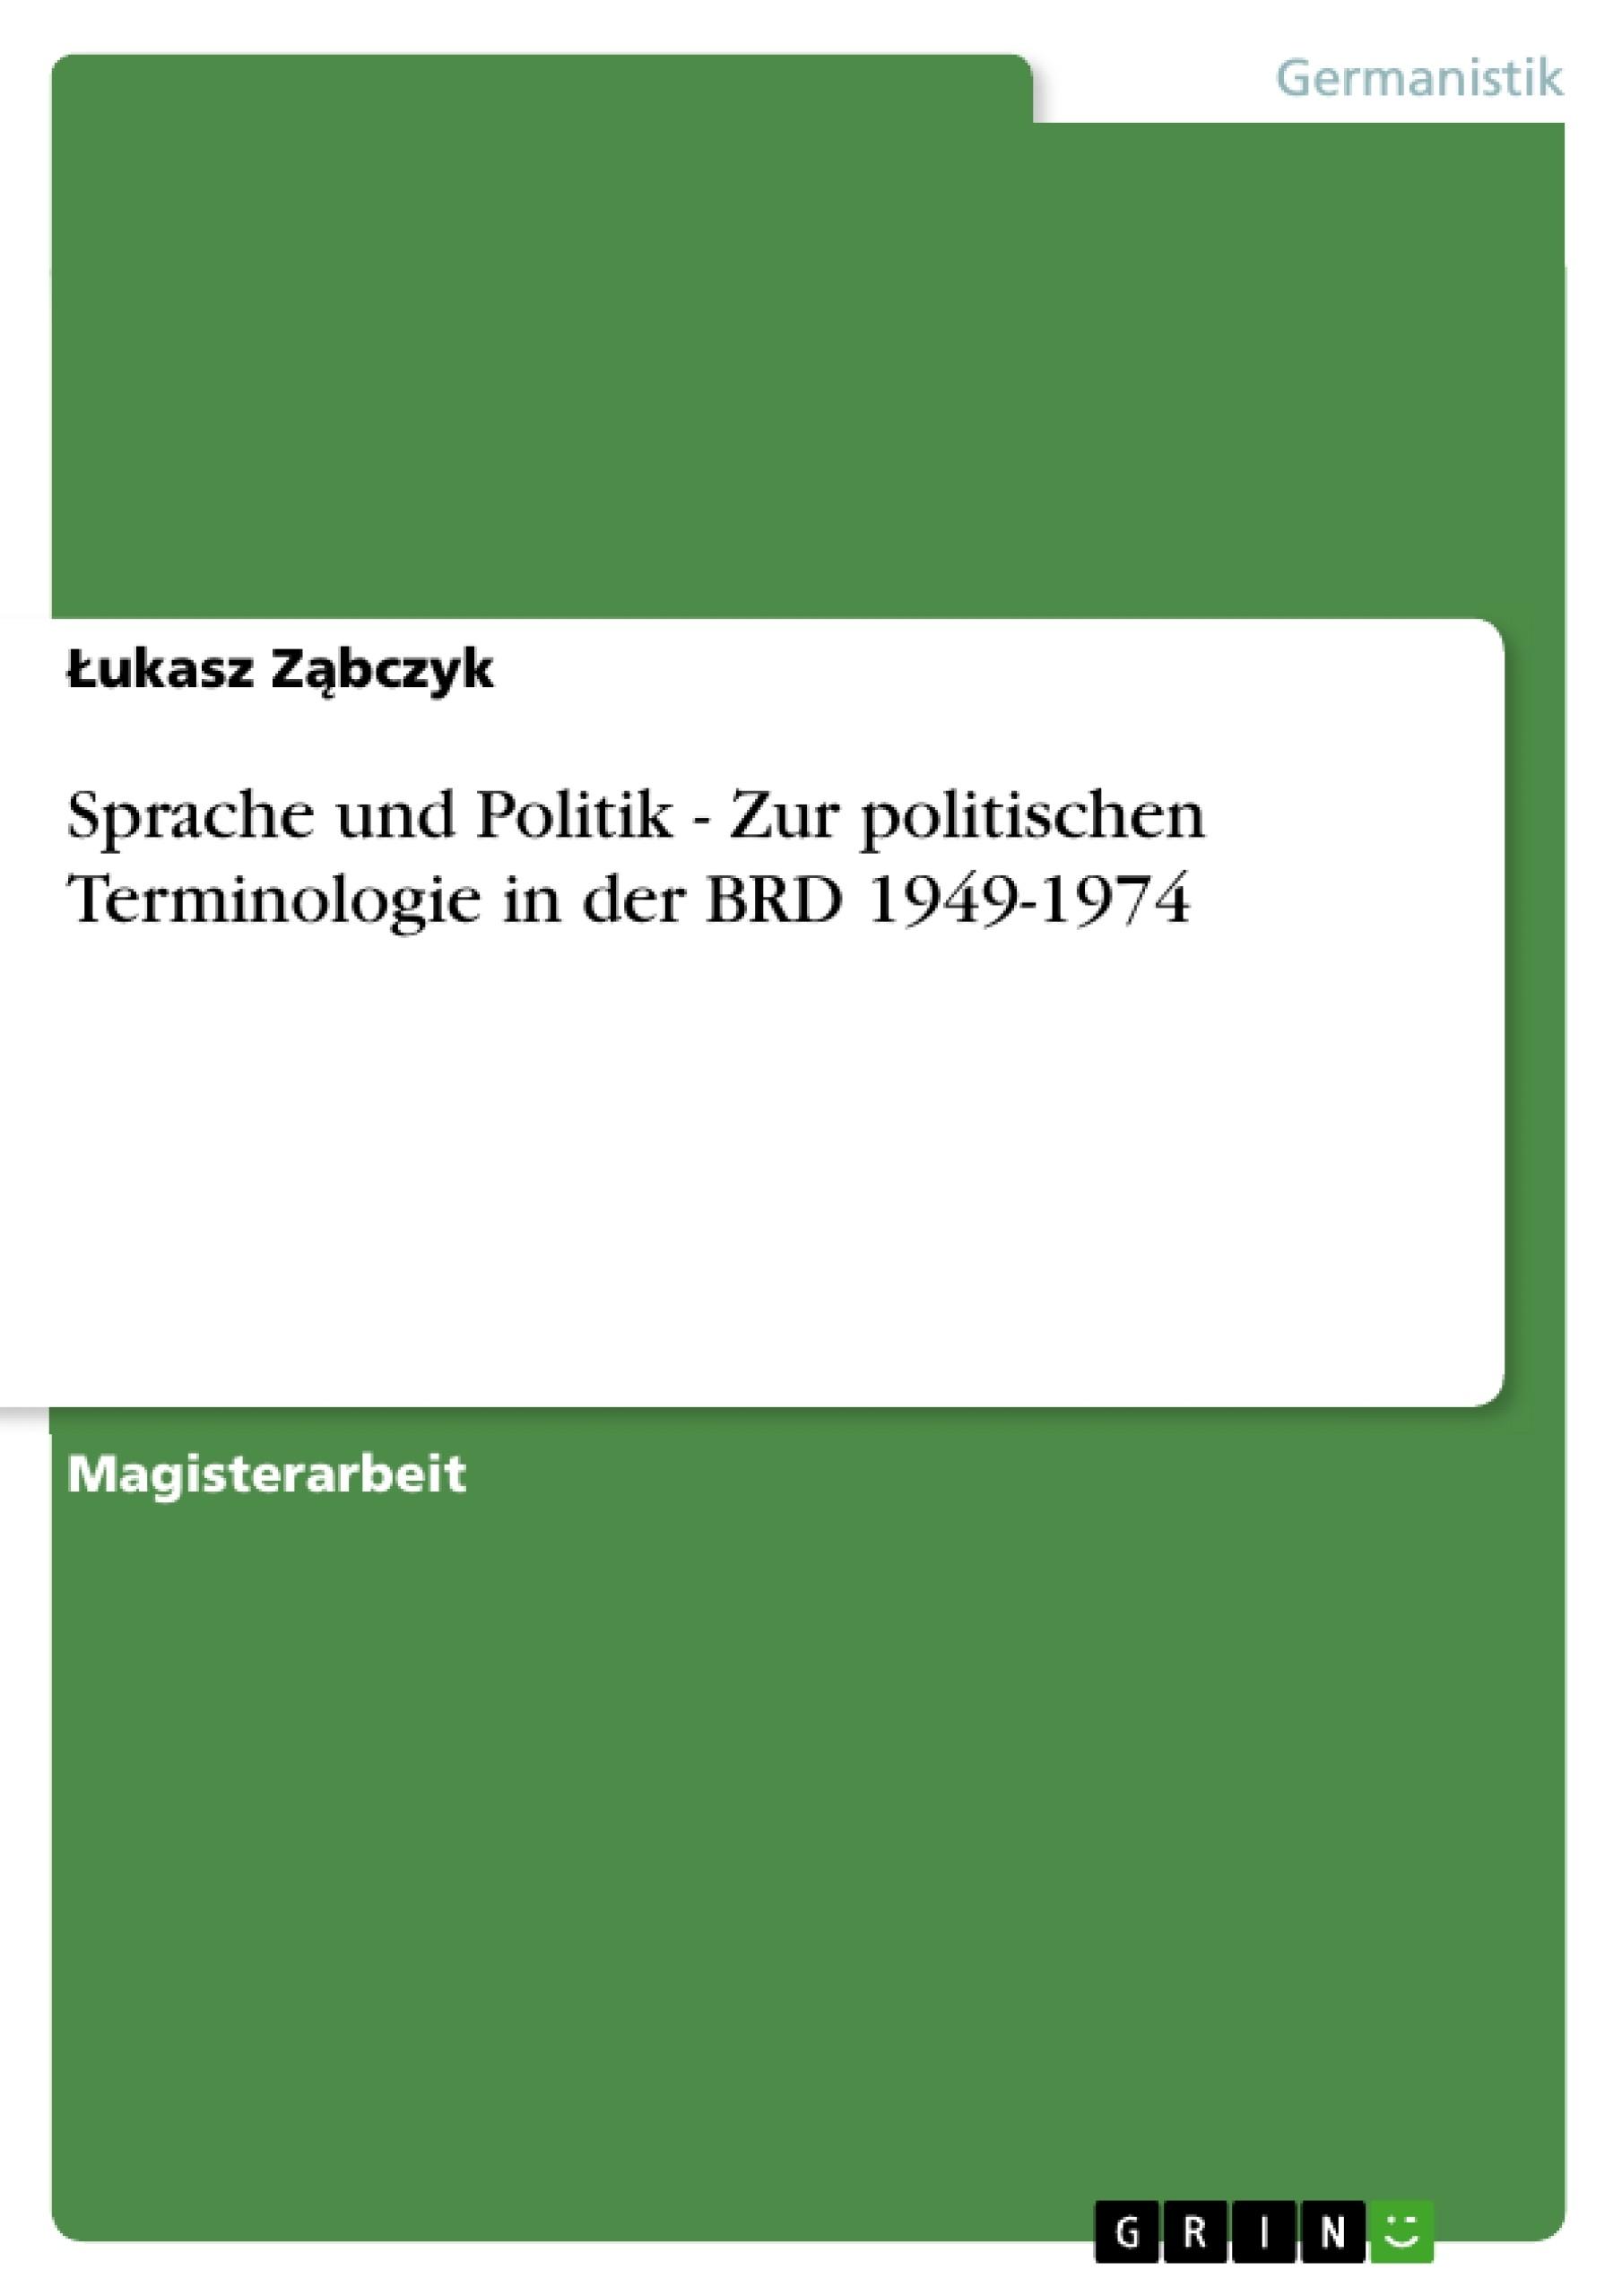 Titel: Sprache und Politik - Zur politischen Terminologie in der BRD 1949-1974